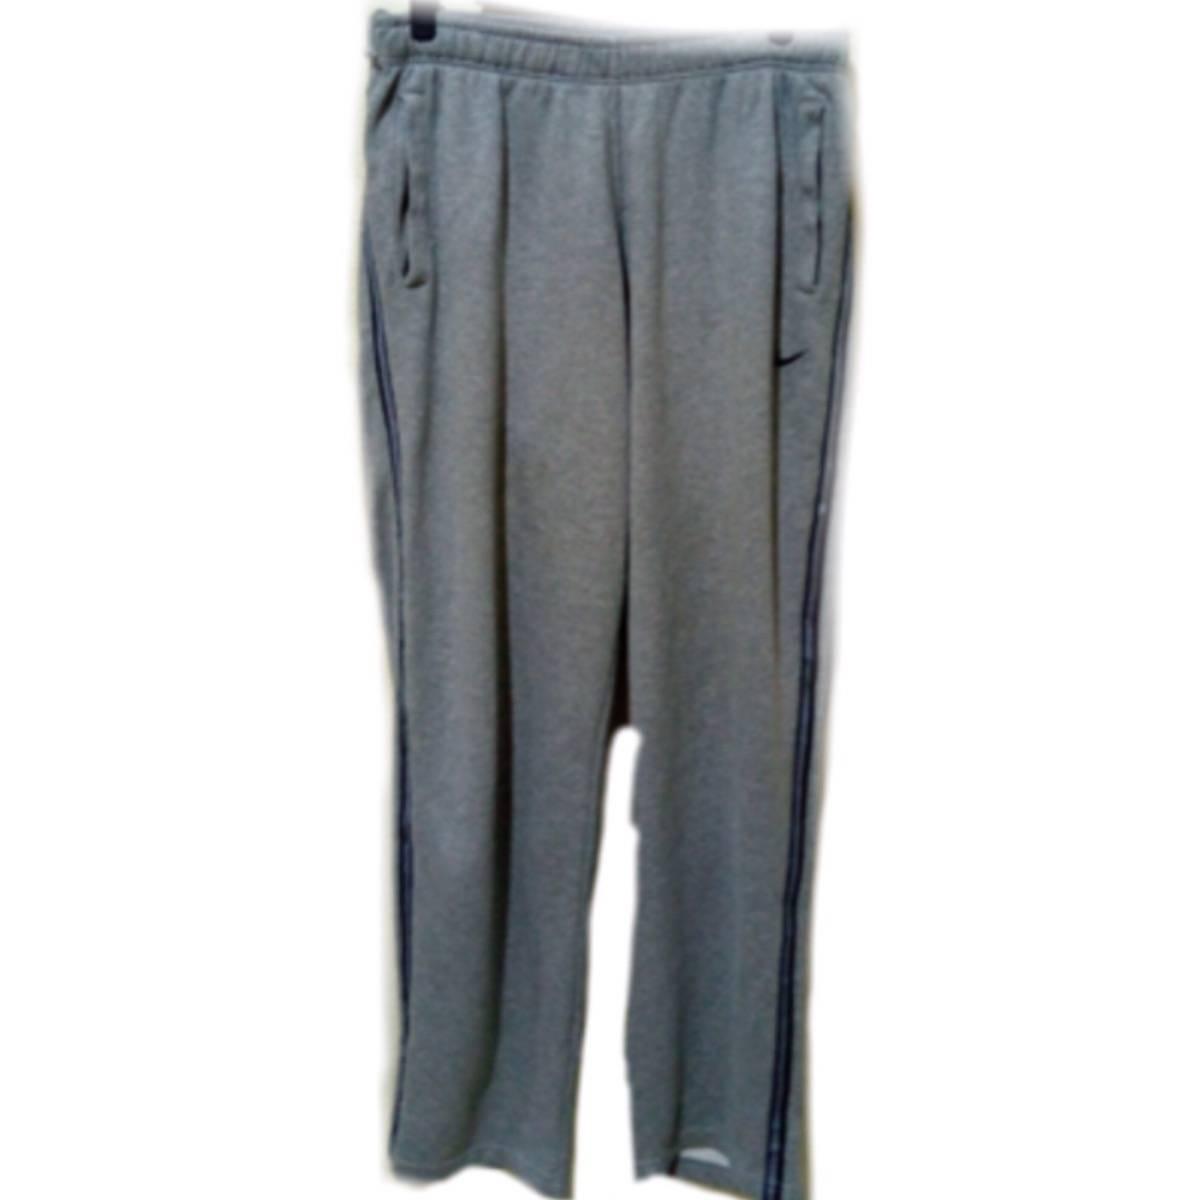 nike pants xxl